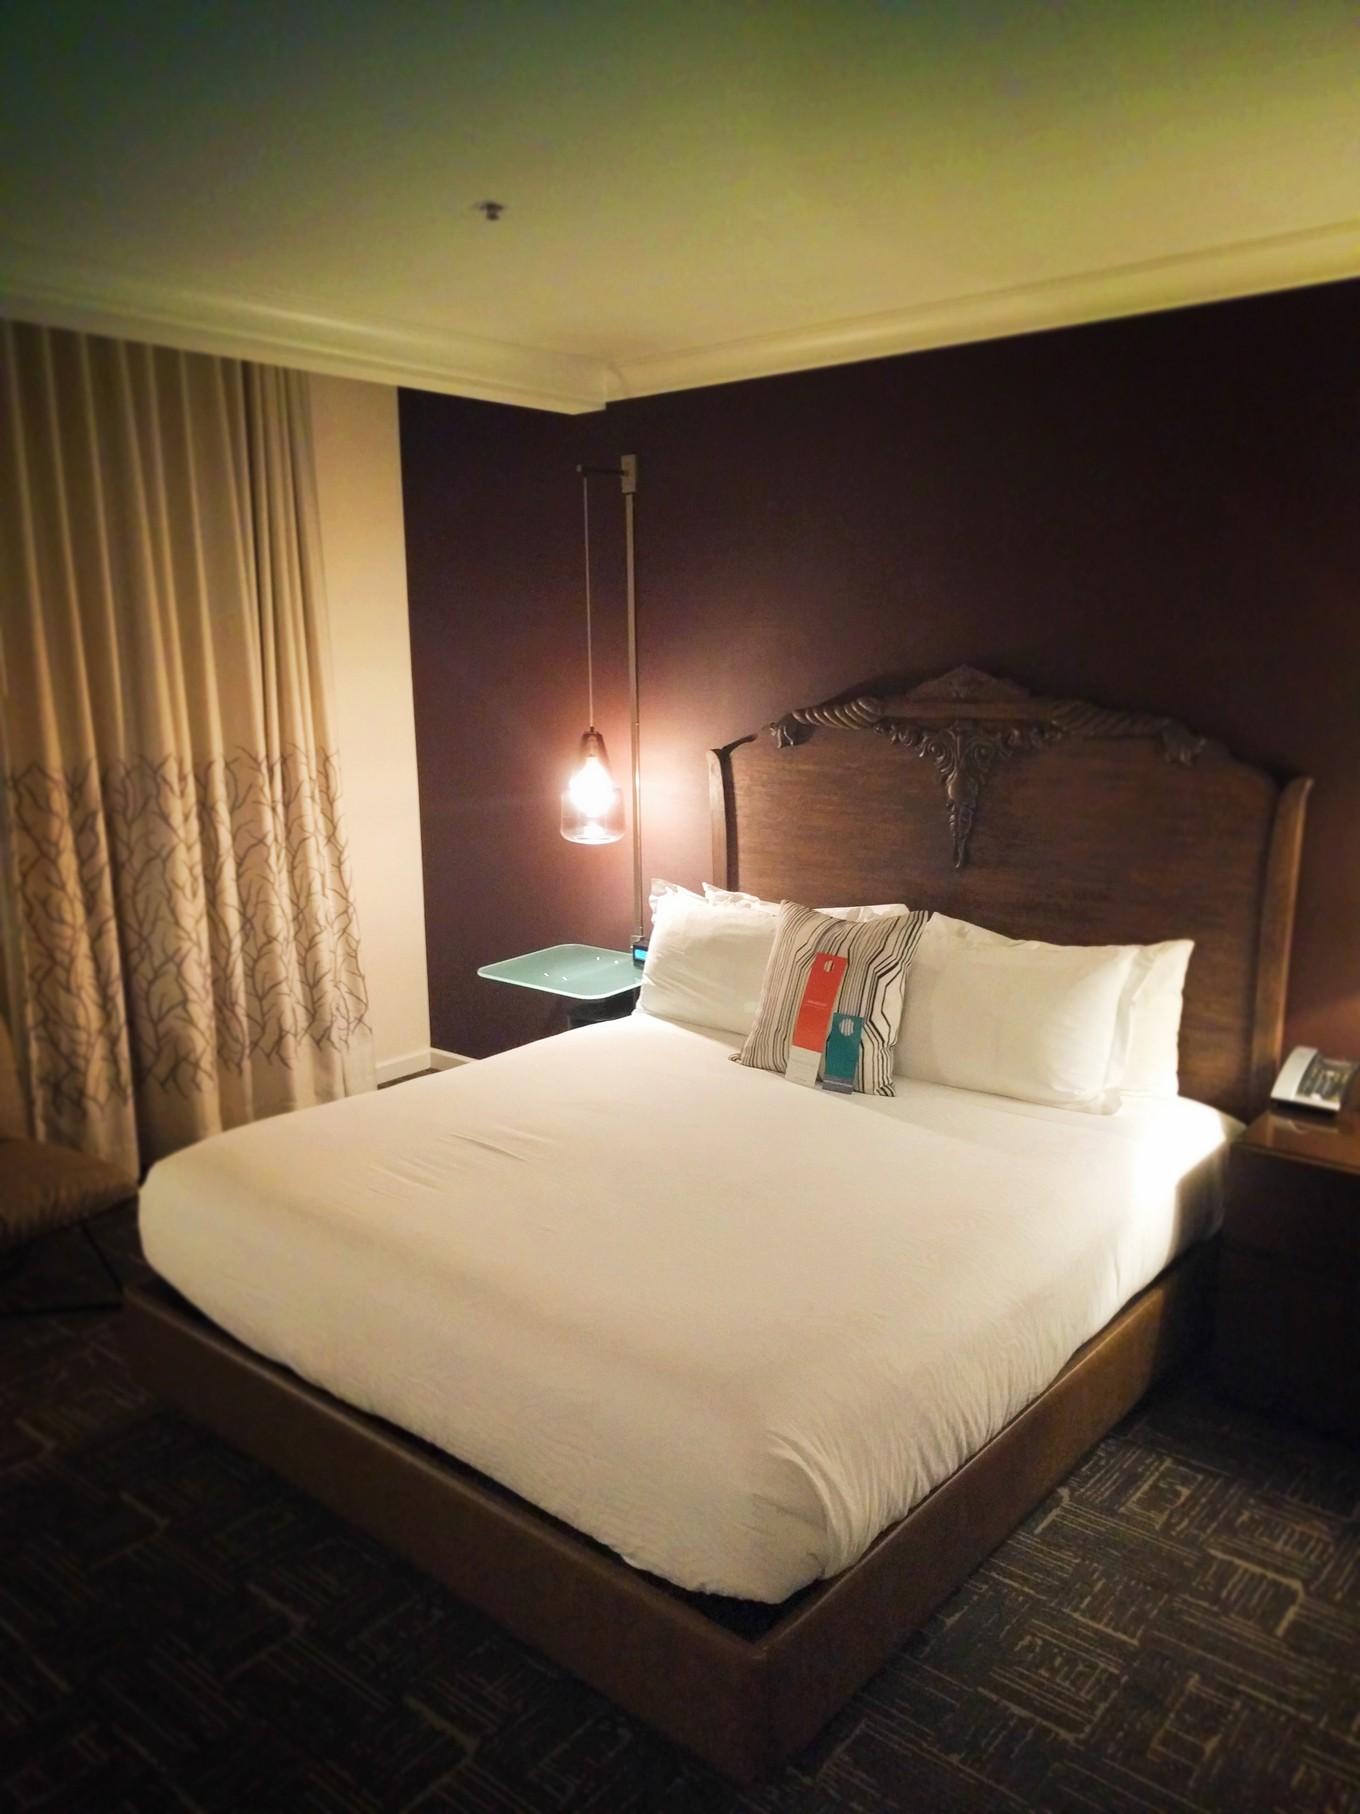 Hotel Vintage Portland King room 1